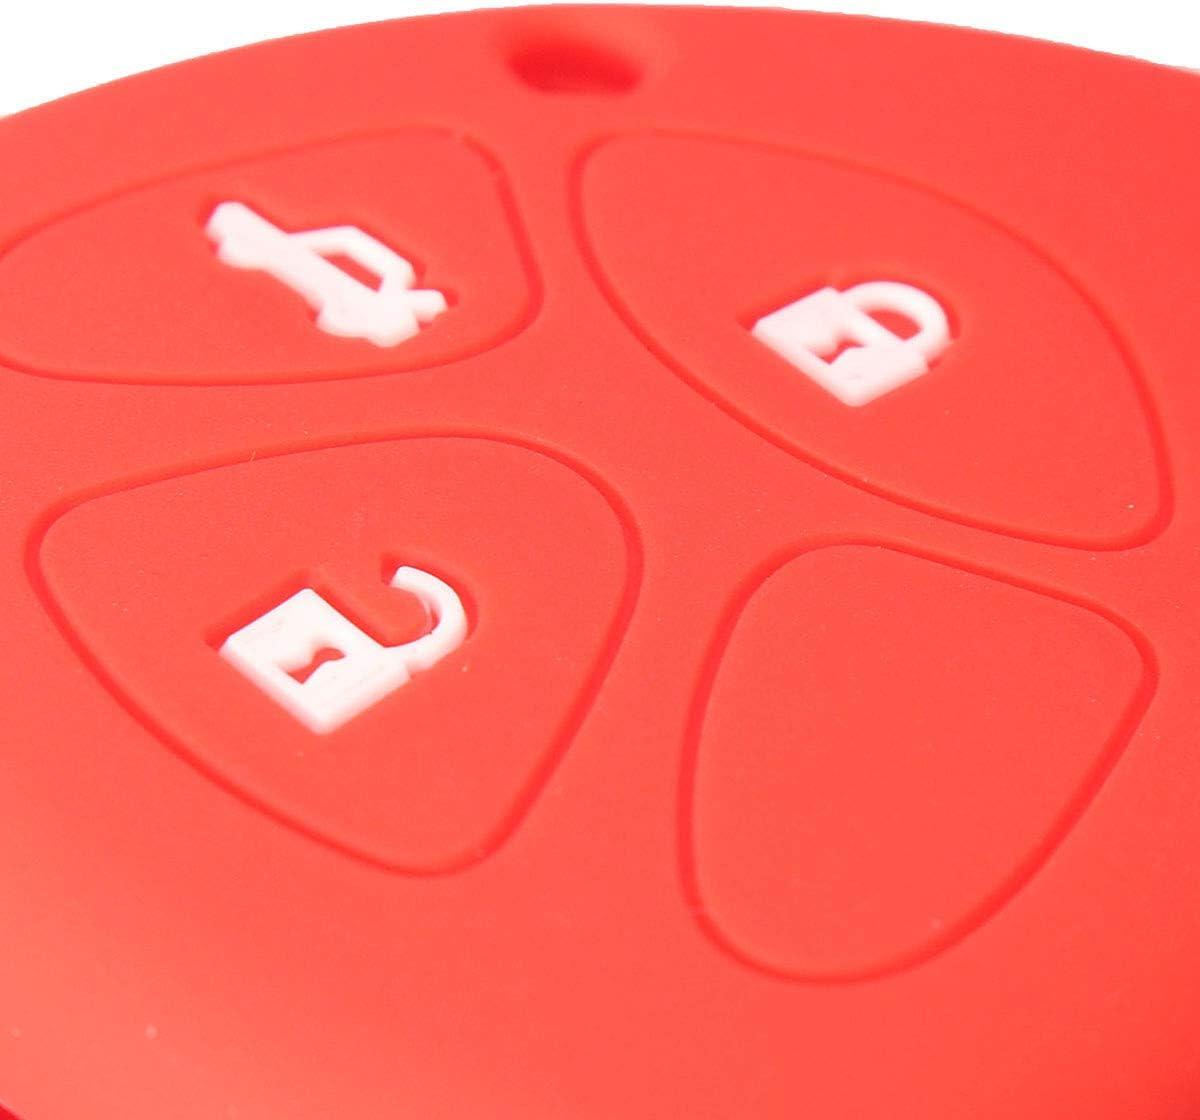 NICOLIE 3-Button Silicone Remoto Cover Portachiavi Caso Per Toyota Avensis Rav4 Scion-Rosso